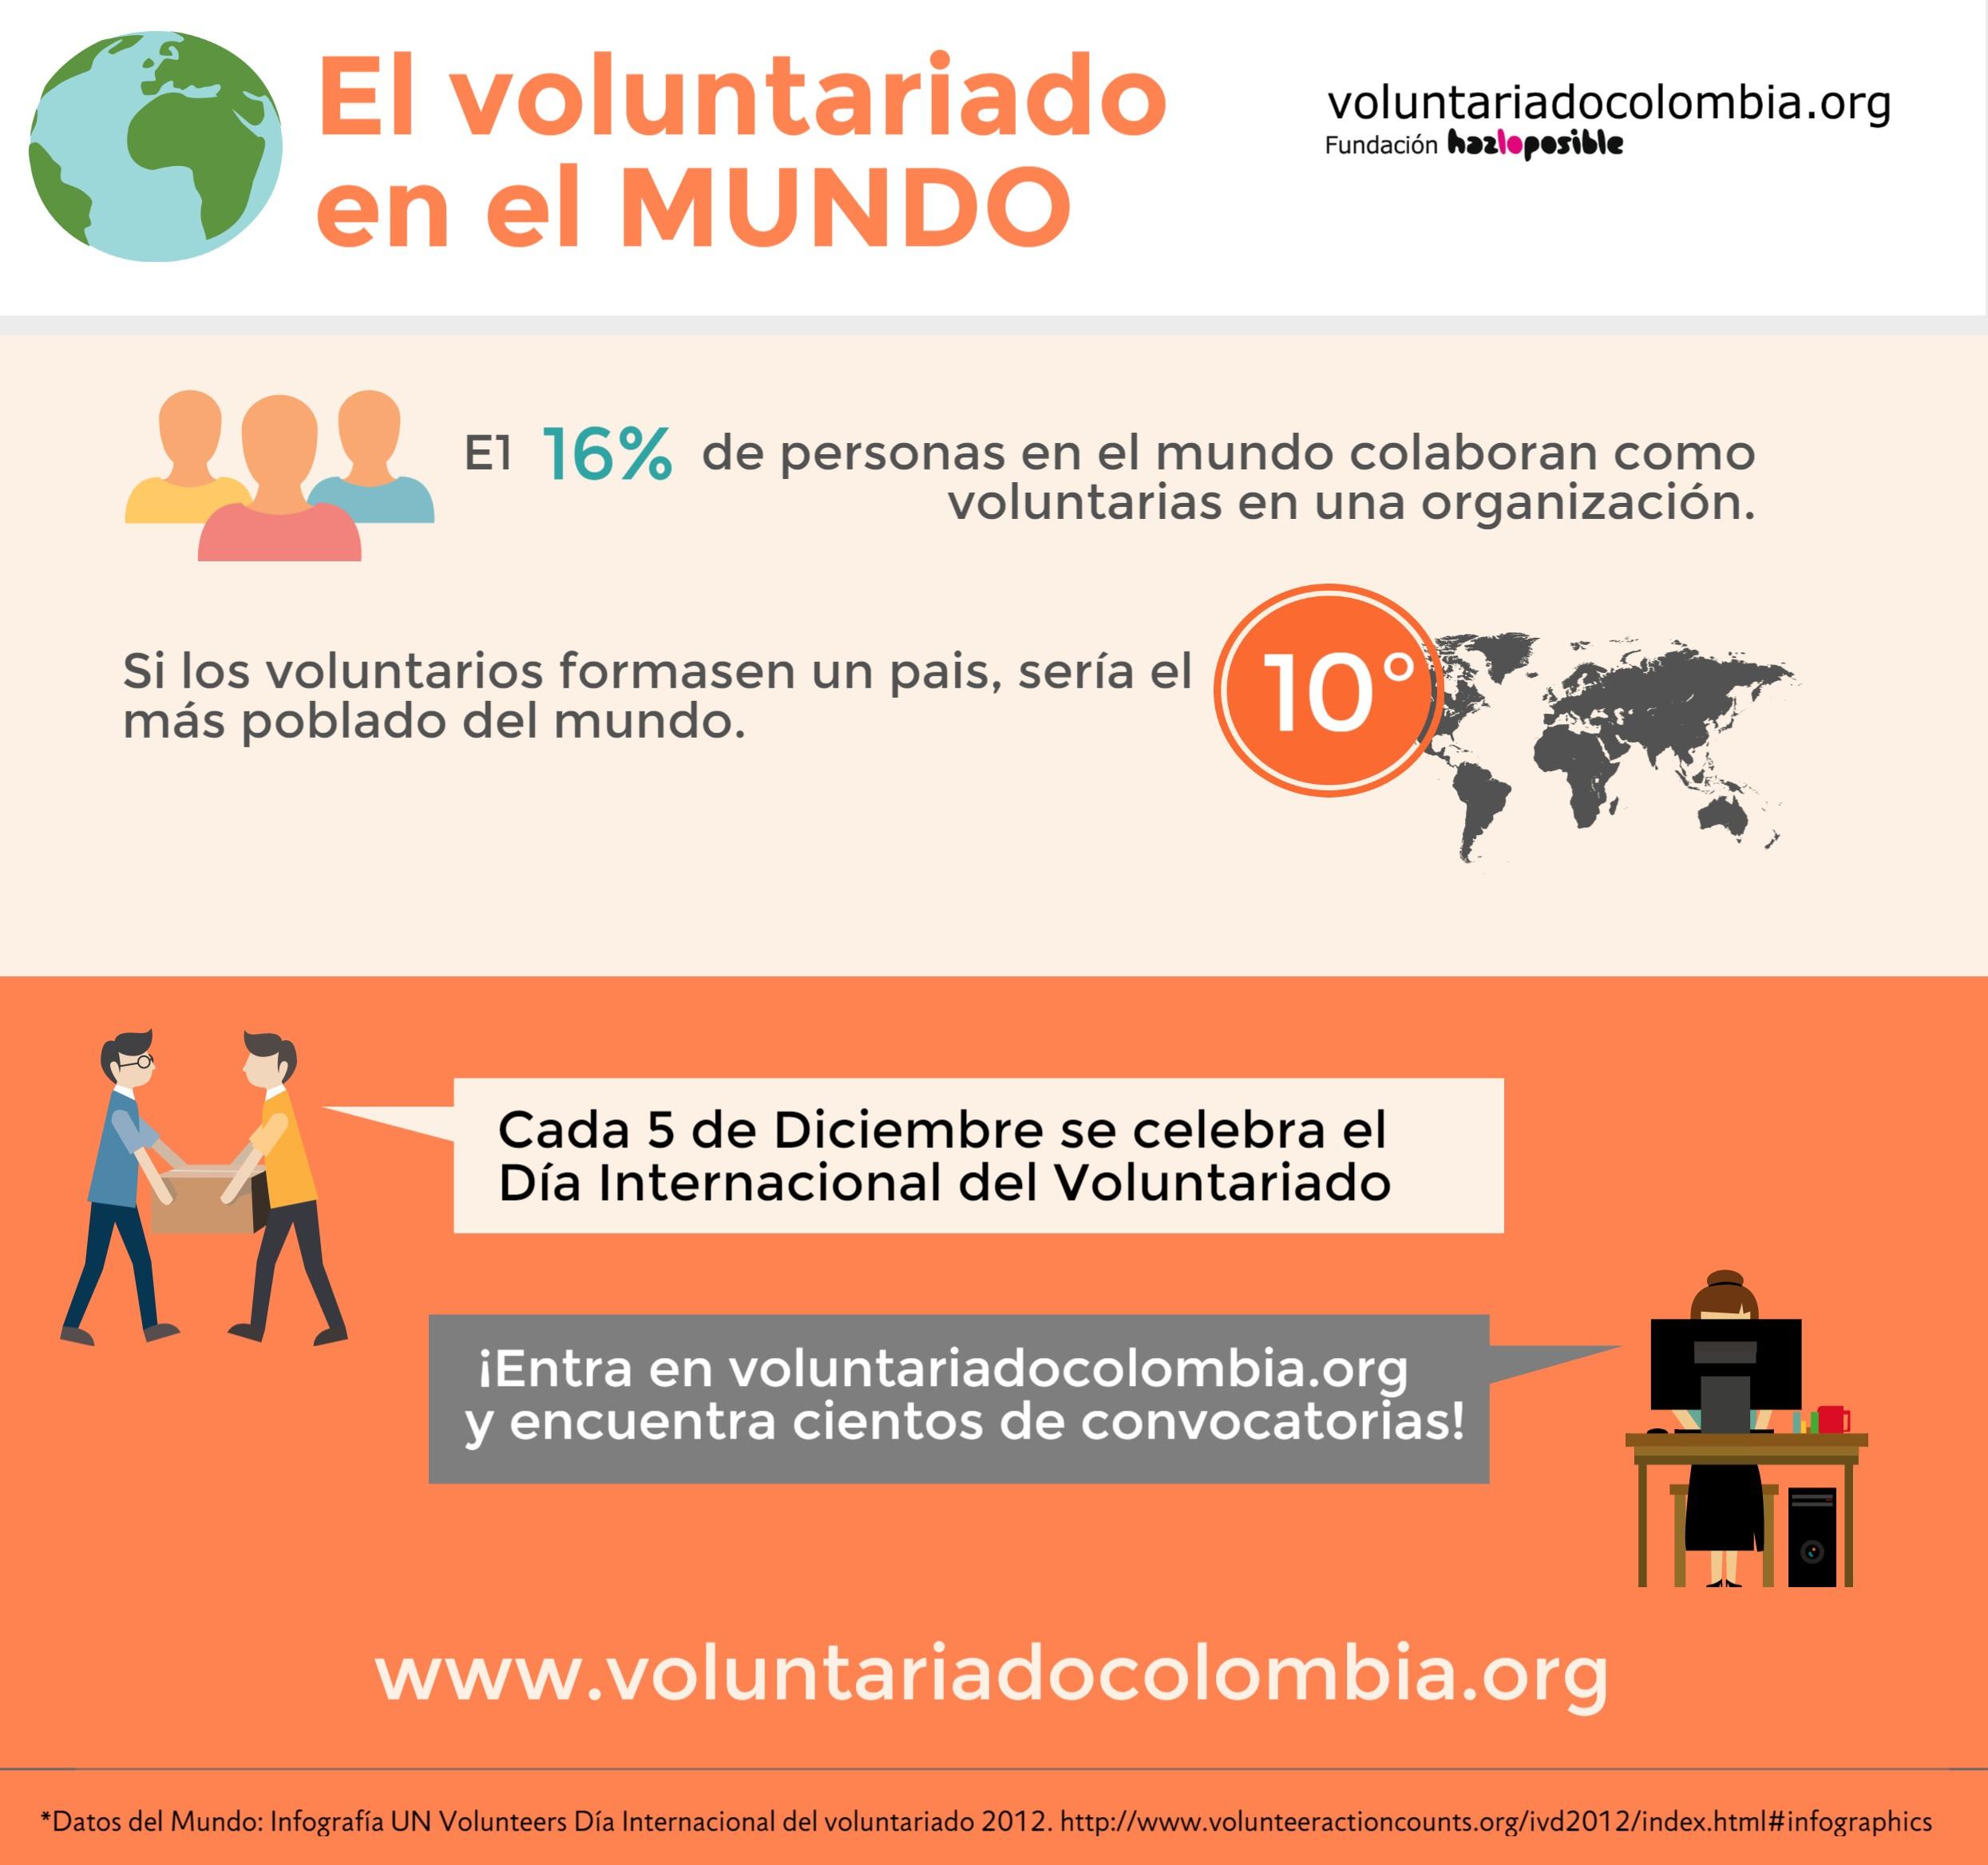 El voluntariado en el mundo